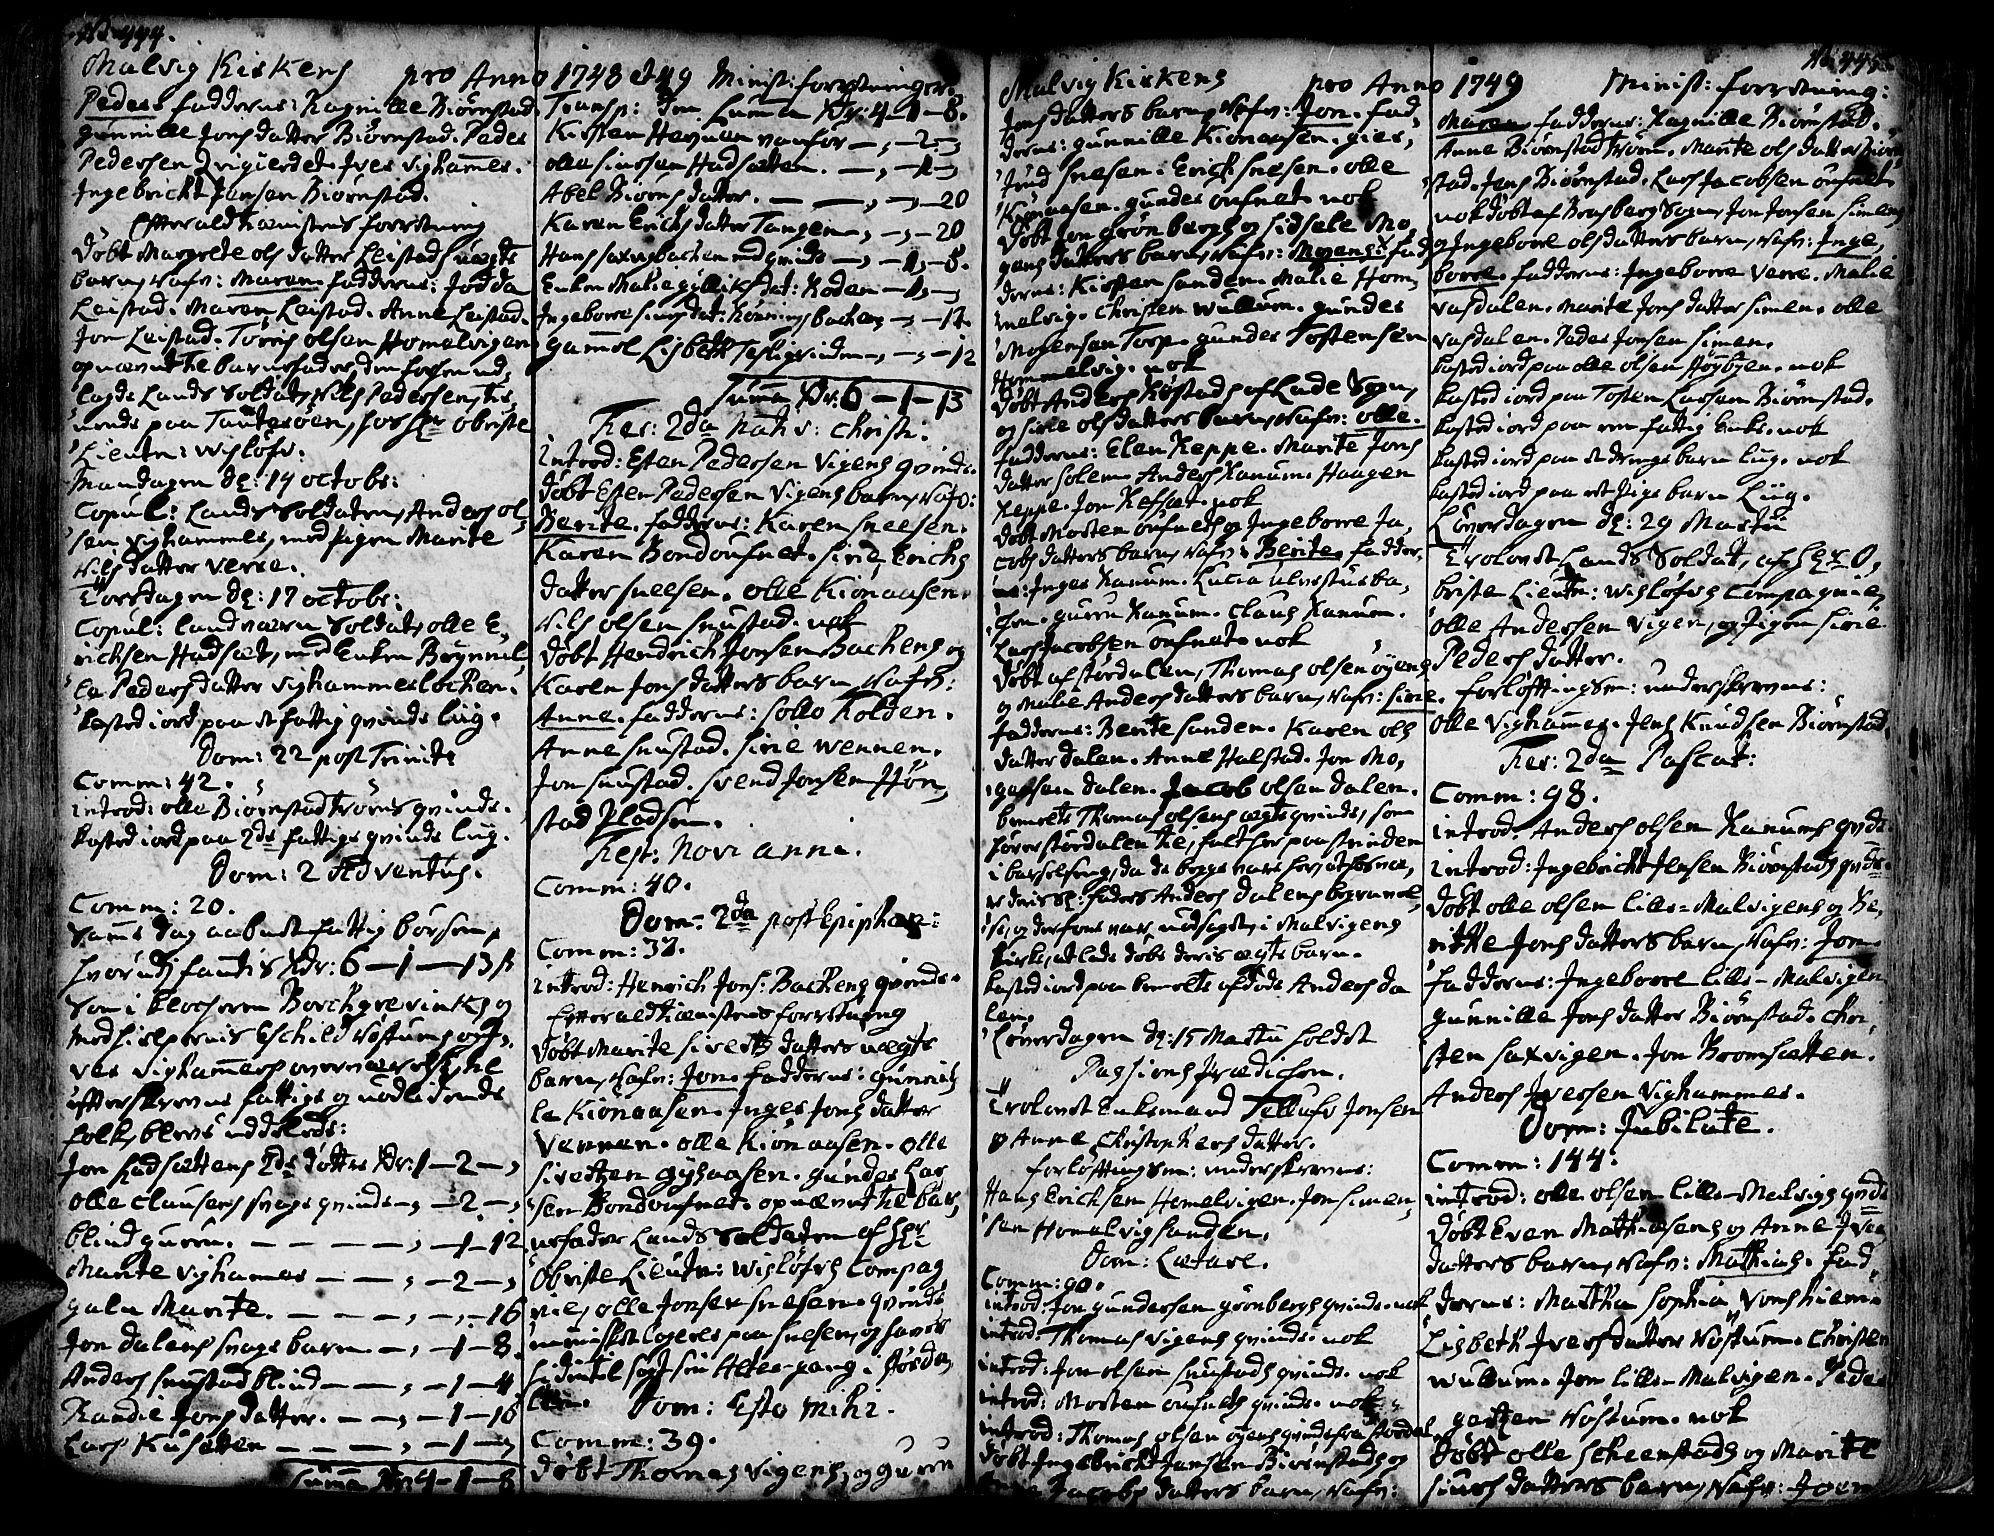 SAT, Ministerialprotokoller, klokkerbøker og fødselsregistre - Sør-Trøndelag, 606/L0277: Ministerialbok nr. 606A01 /3, 1727-1780, s. 444-445